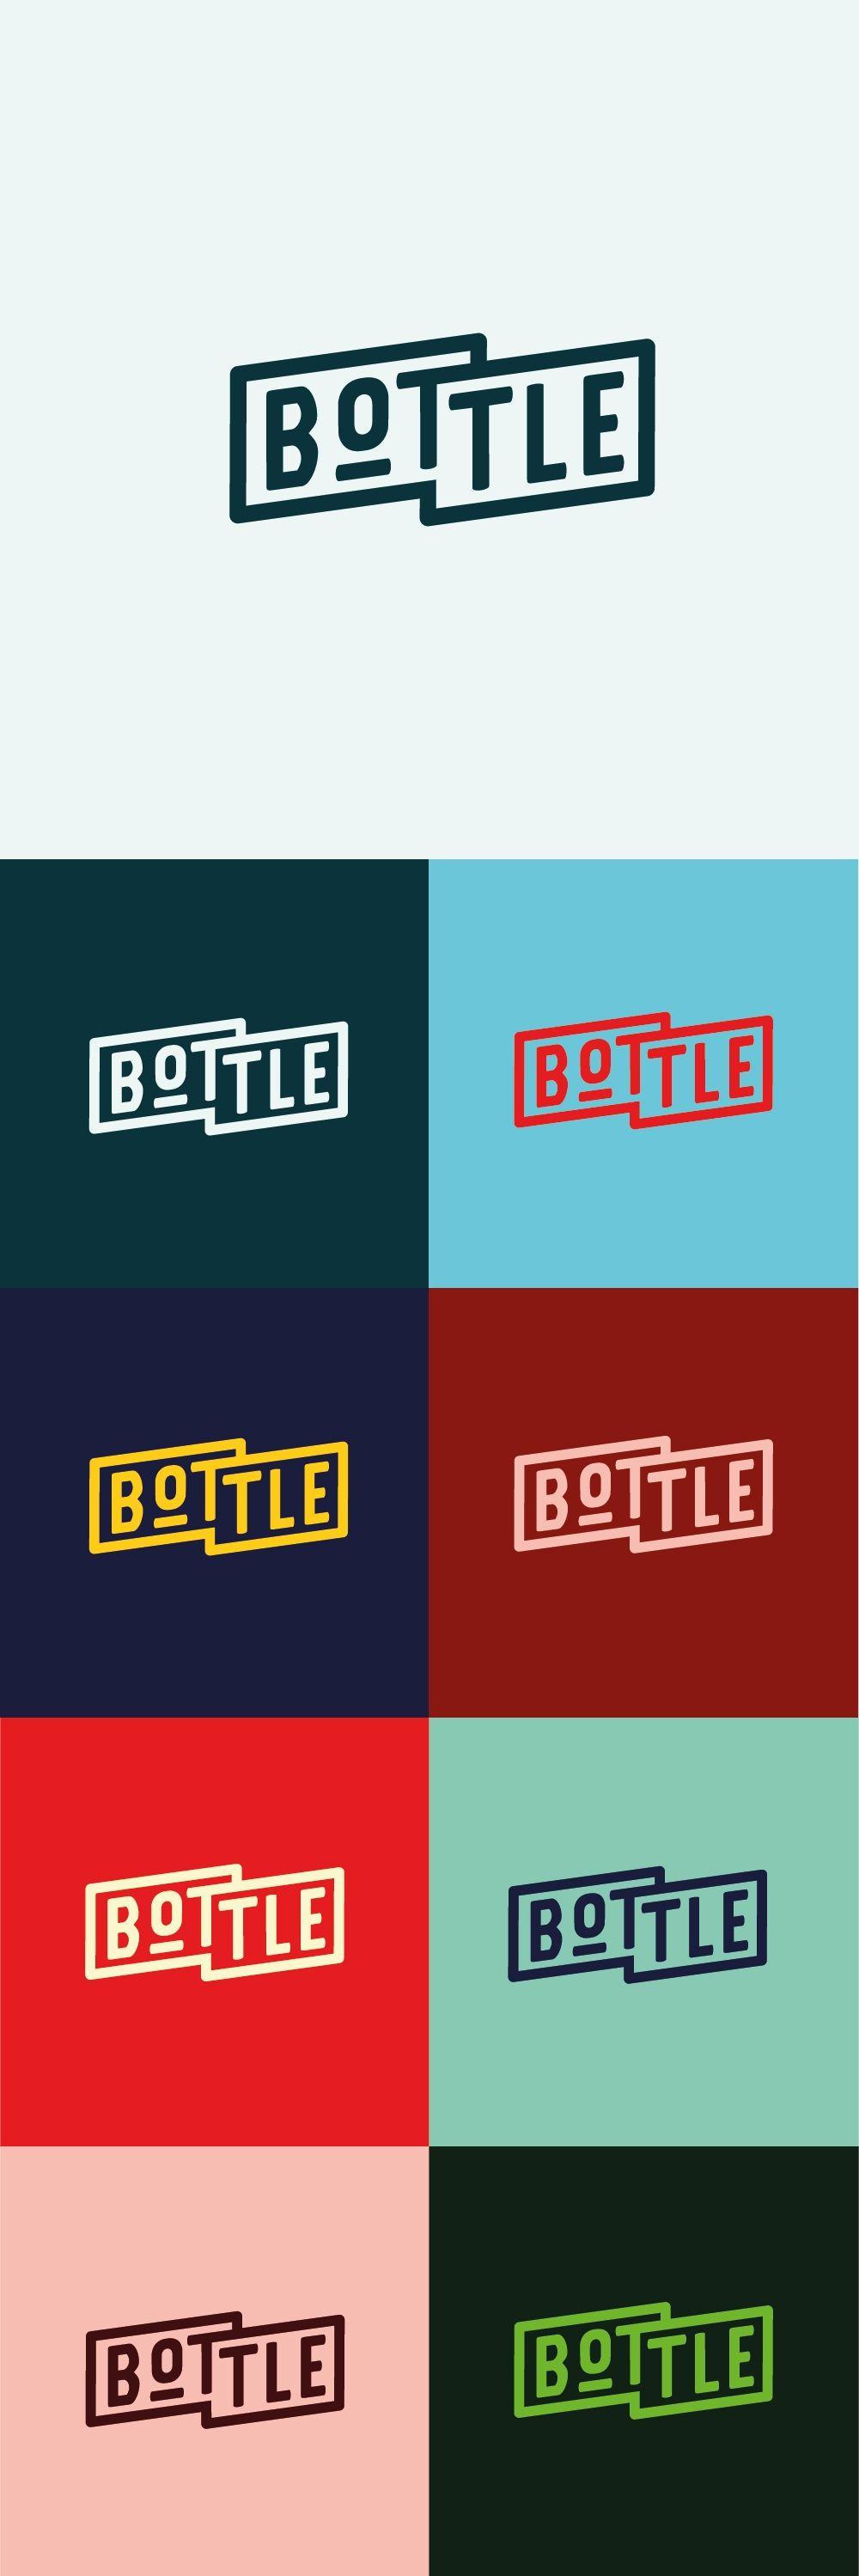 Ontwerpen | New digital content agency in Dublin, Ireland looking for a strong, arresting typographical logo. | Logo ontwerp ontwerpwedstrijd